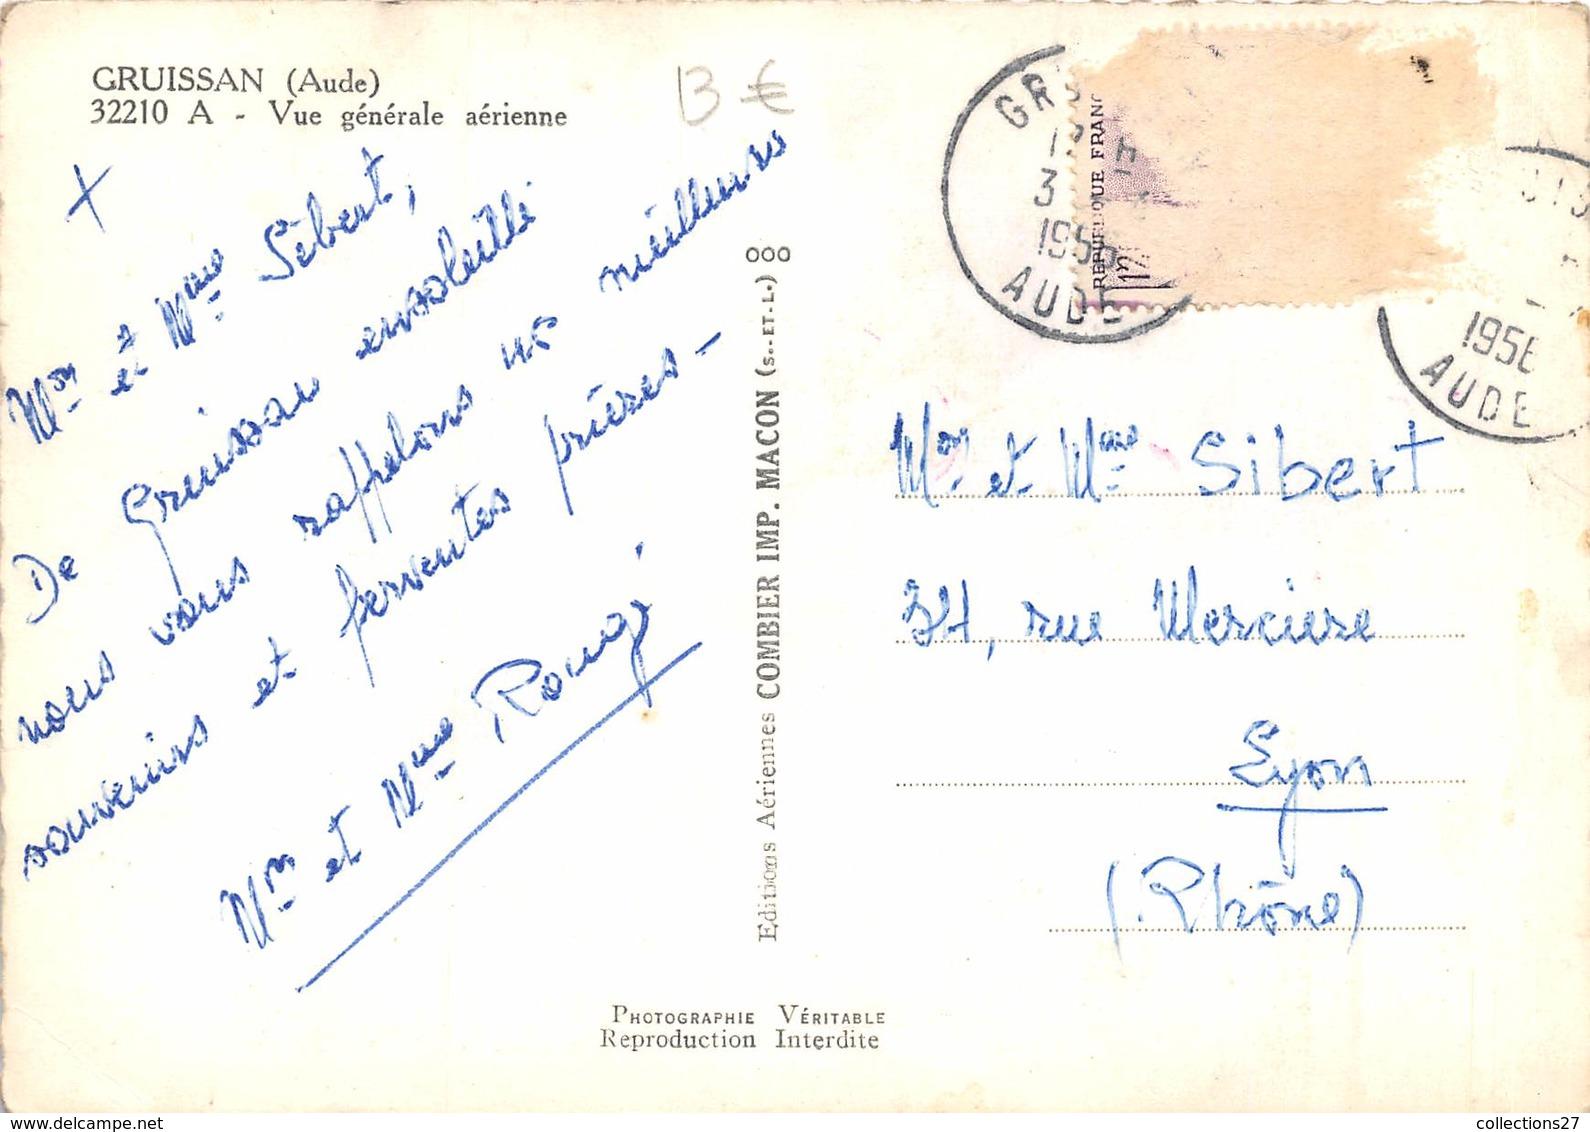 11-GRUISSAN- VUE GENERALE AERIENNE - France